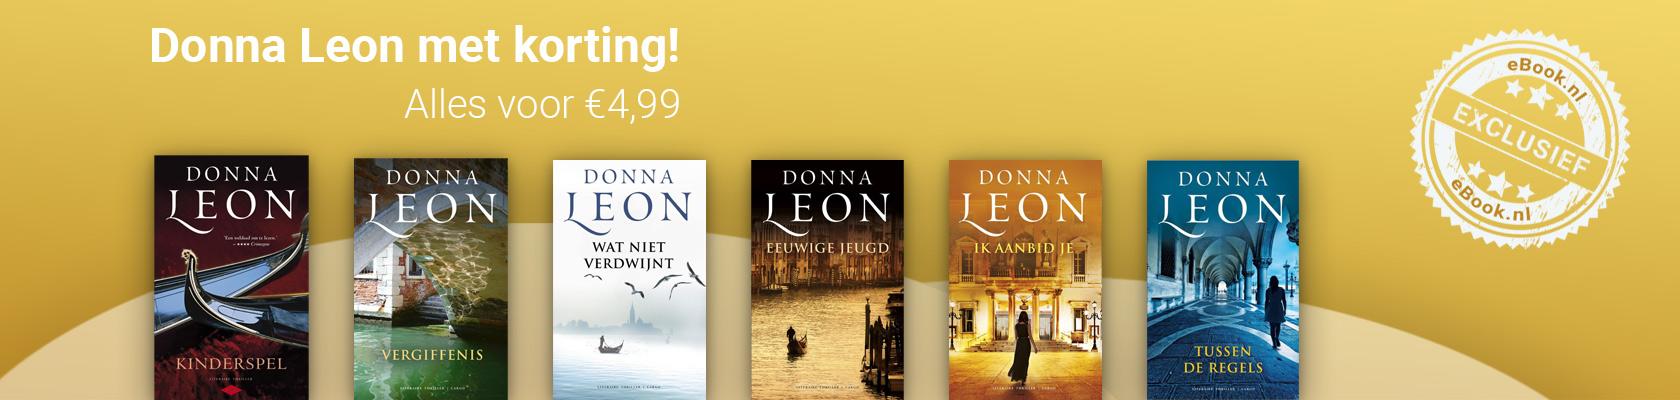 Donna Leon met korting in de Spannende Boeken Weken